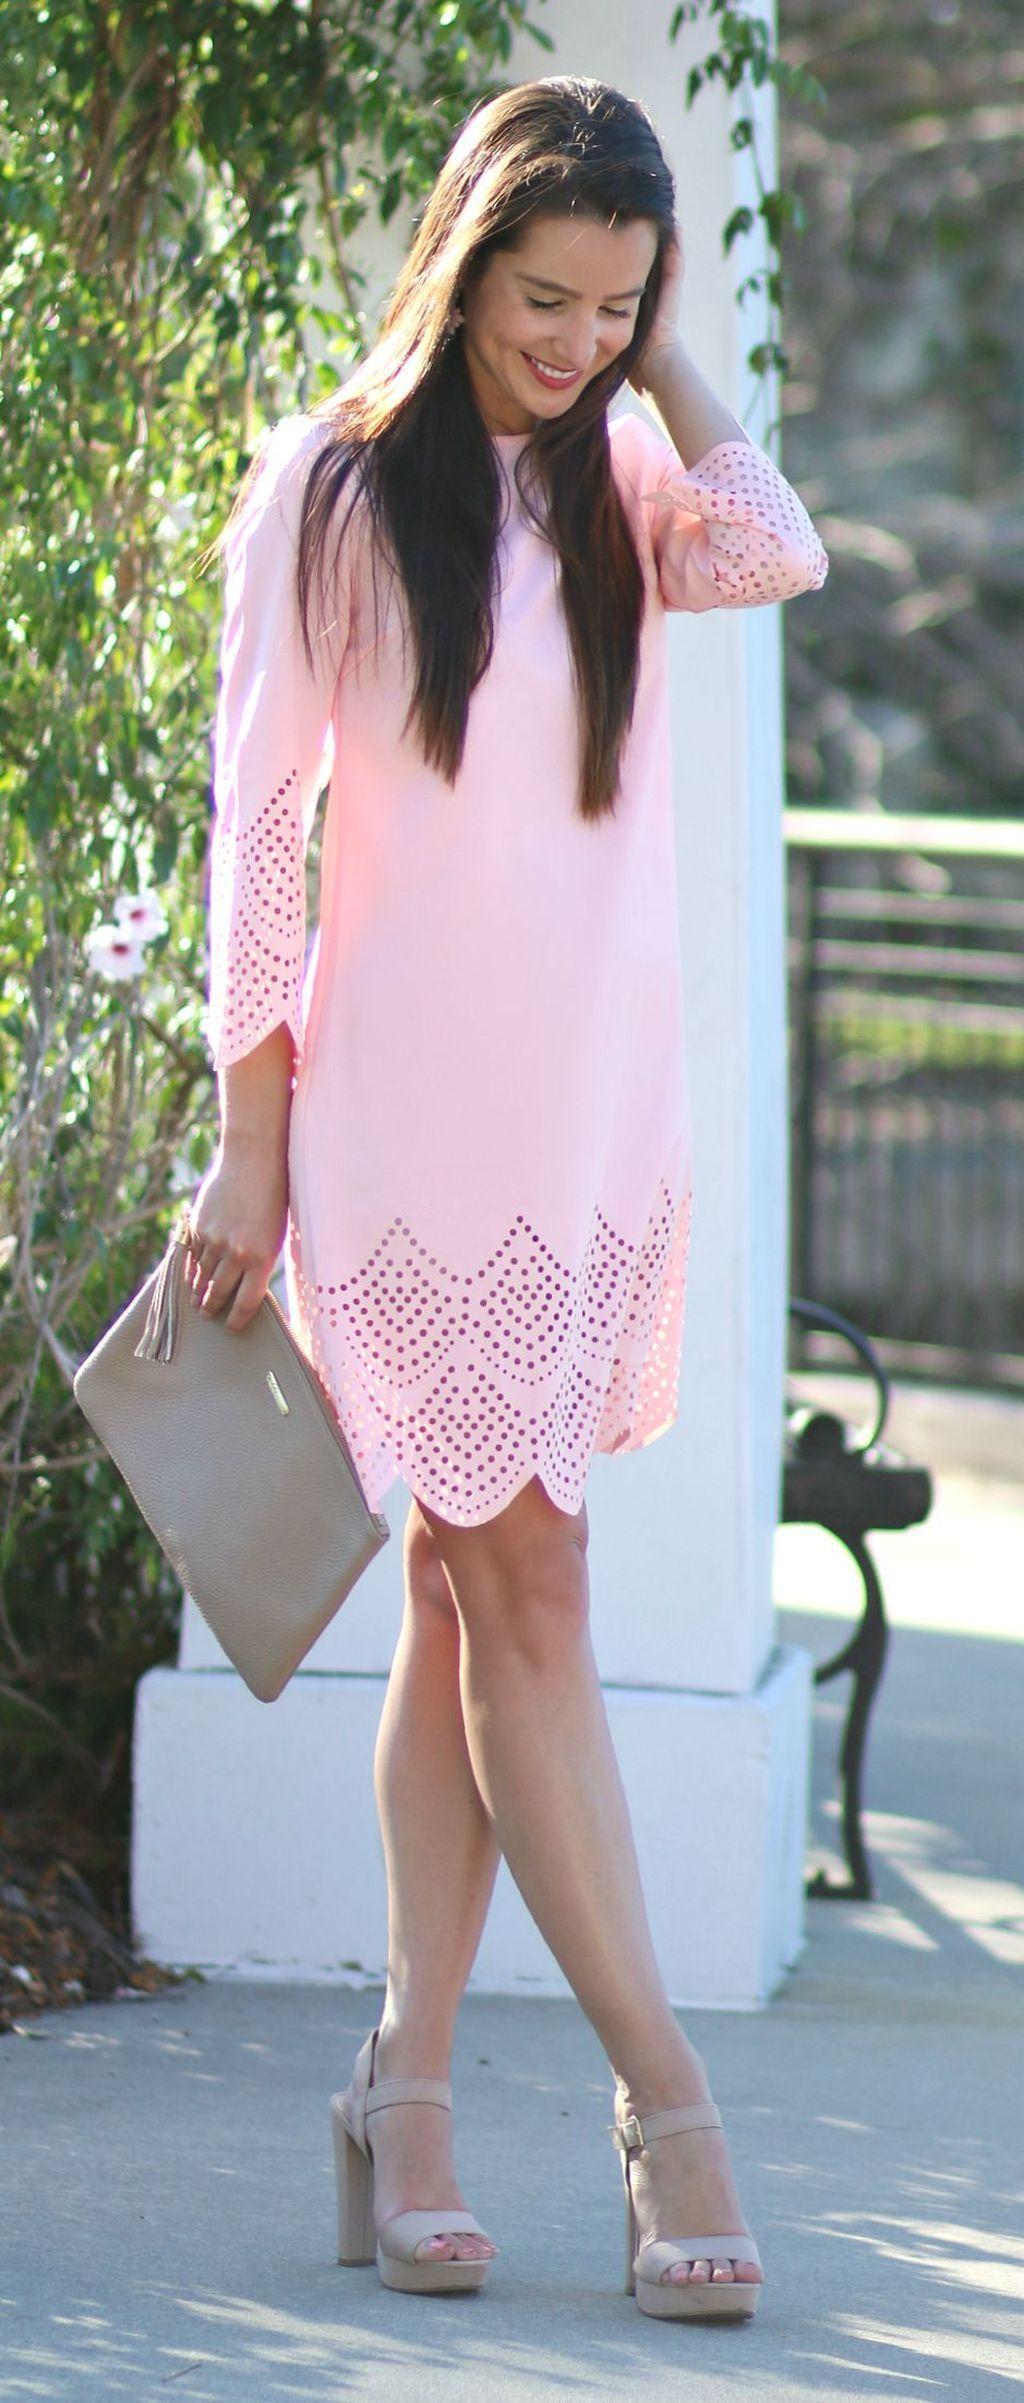 Wedding guest dress ideas   Inspiring Cute Spring Dress Ideas  Great Outfit Ideas